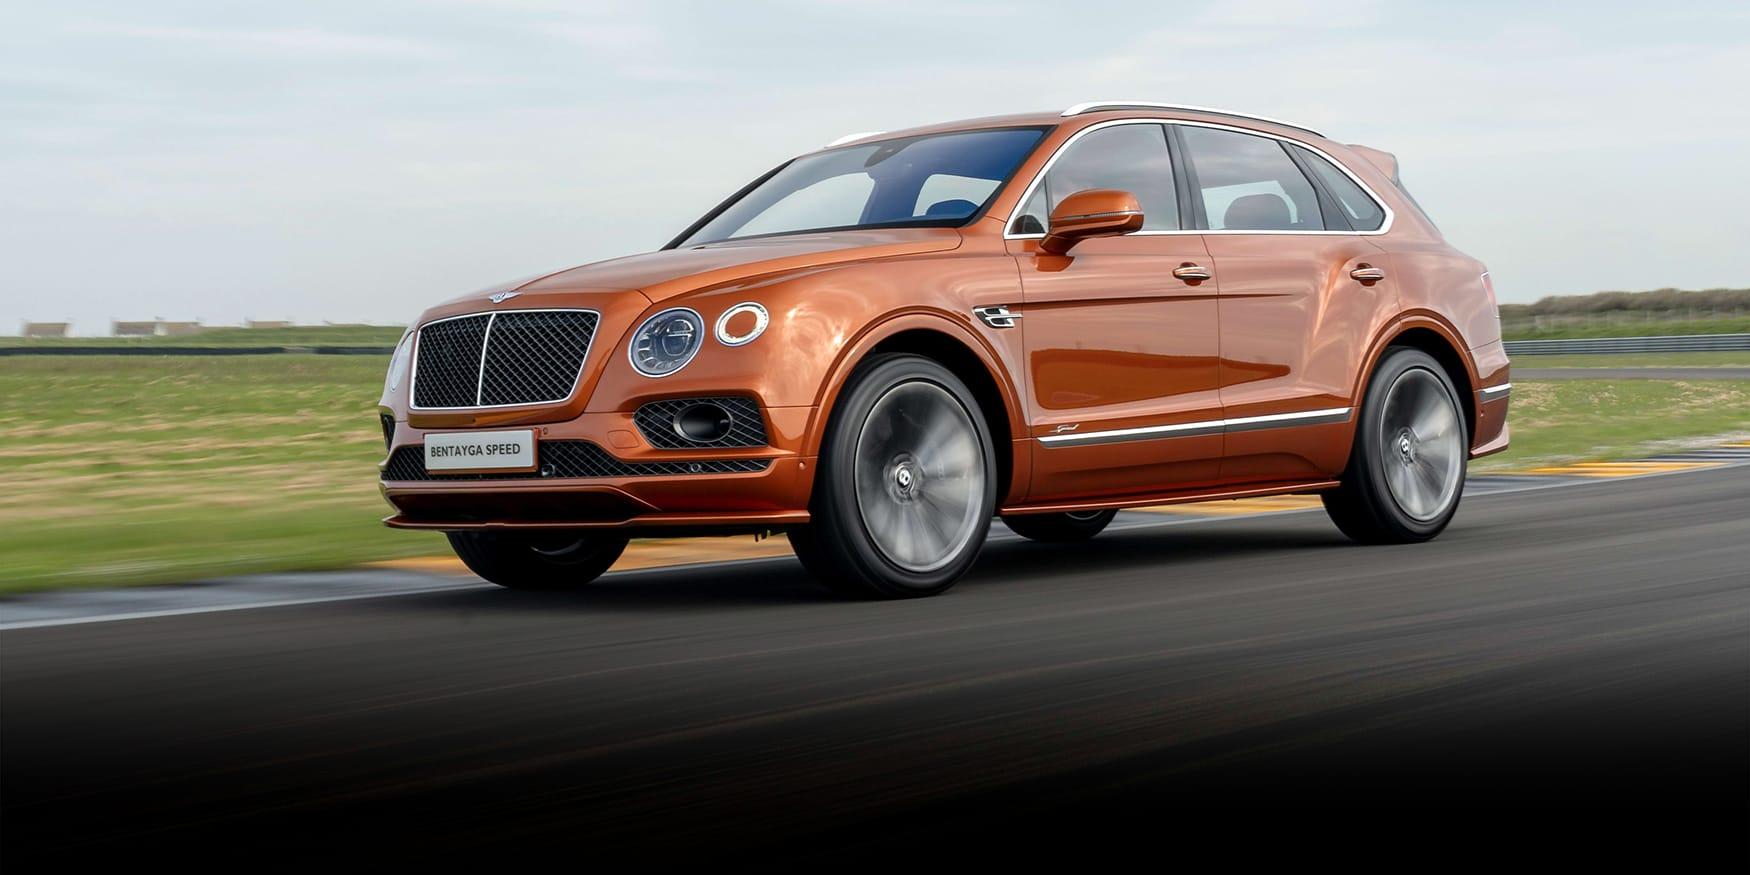 2020 Bentley Bentayga More Powerful Than Ever >> 2020 Bentley Bentayga Speed Review Caradvice